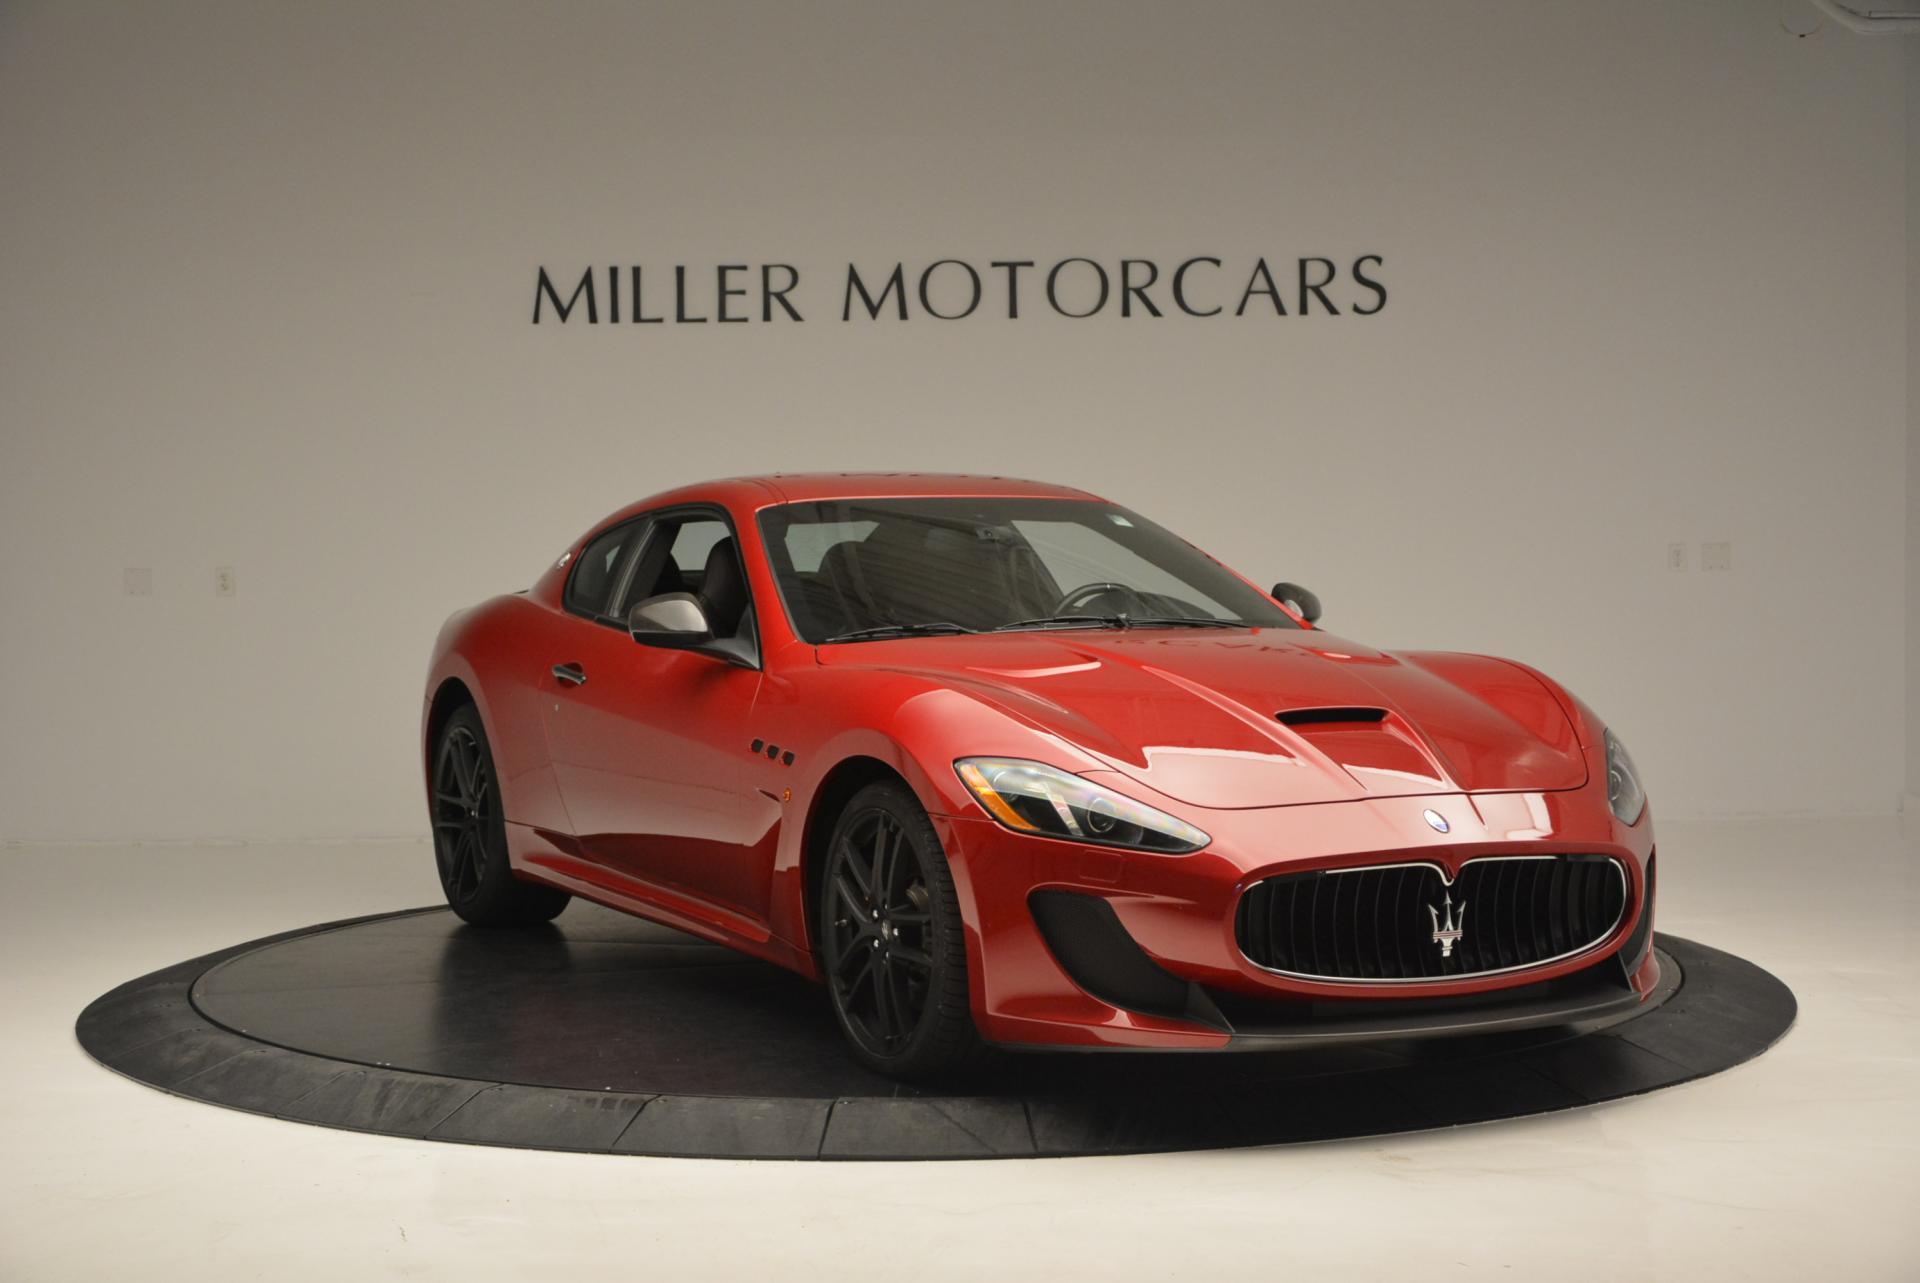 Used 2014 Maserati GranTurismo MC For Sale In Westport, CT 525_p11